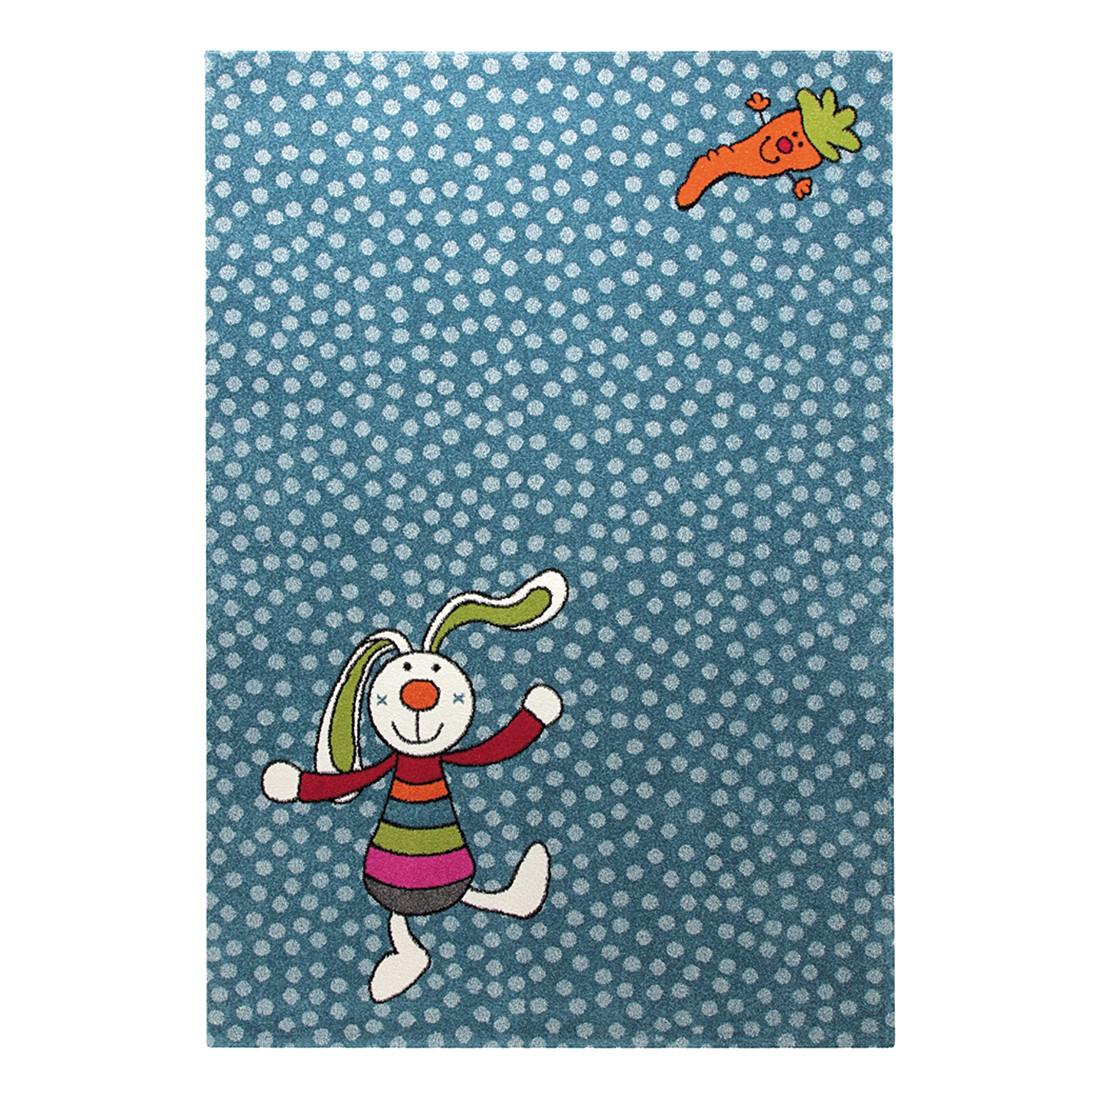 Kinderteppich Rainbow Rabbit – Blau – 200 x 290 cm, Sigikid jetzt bestellen